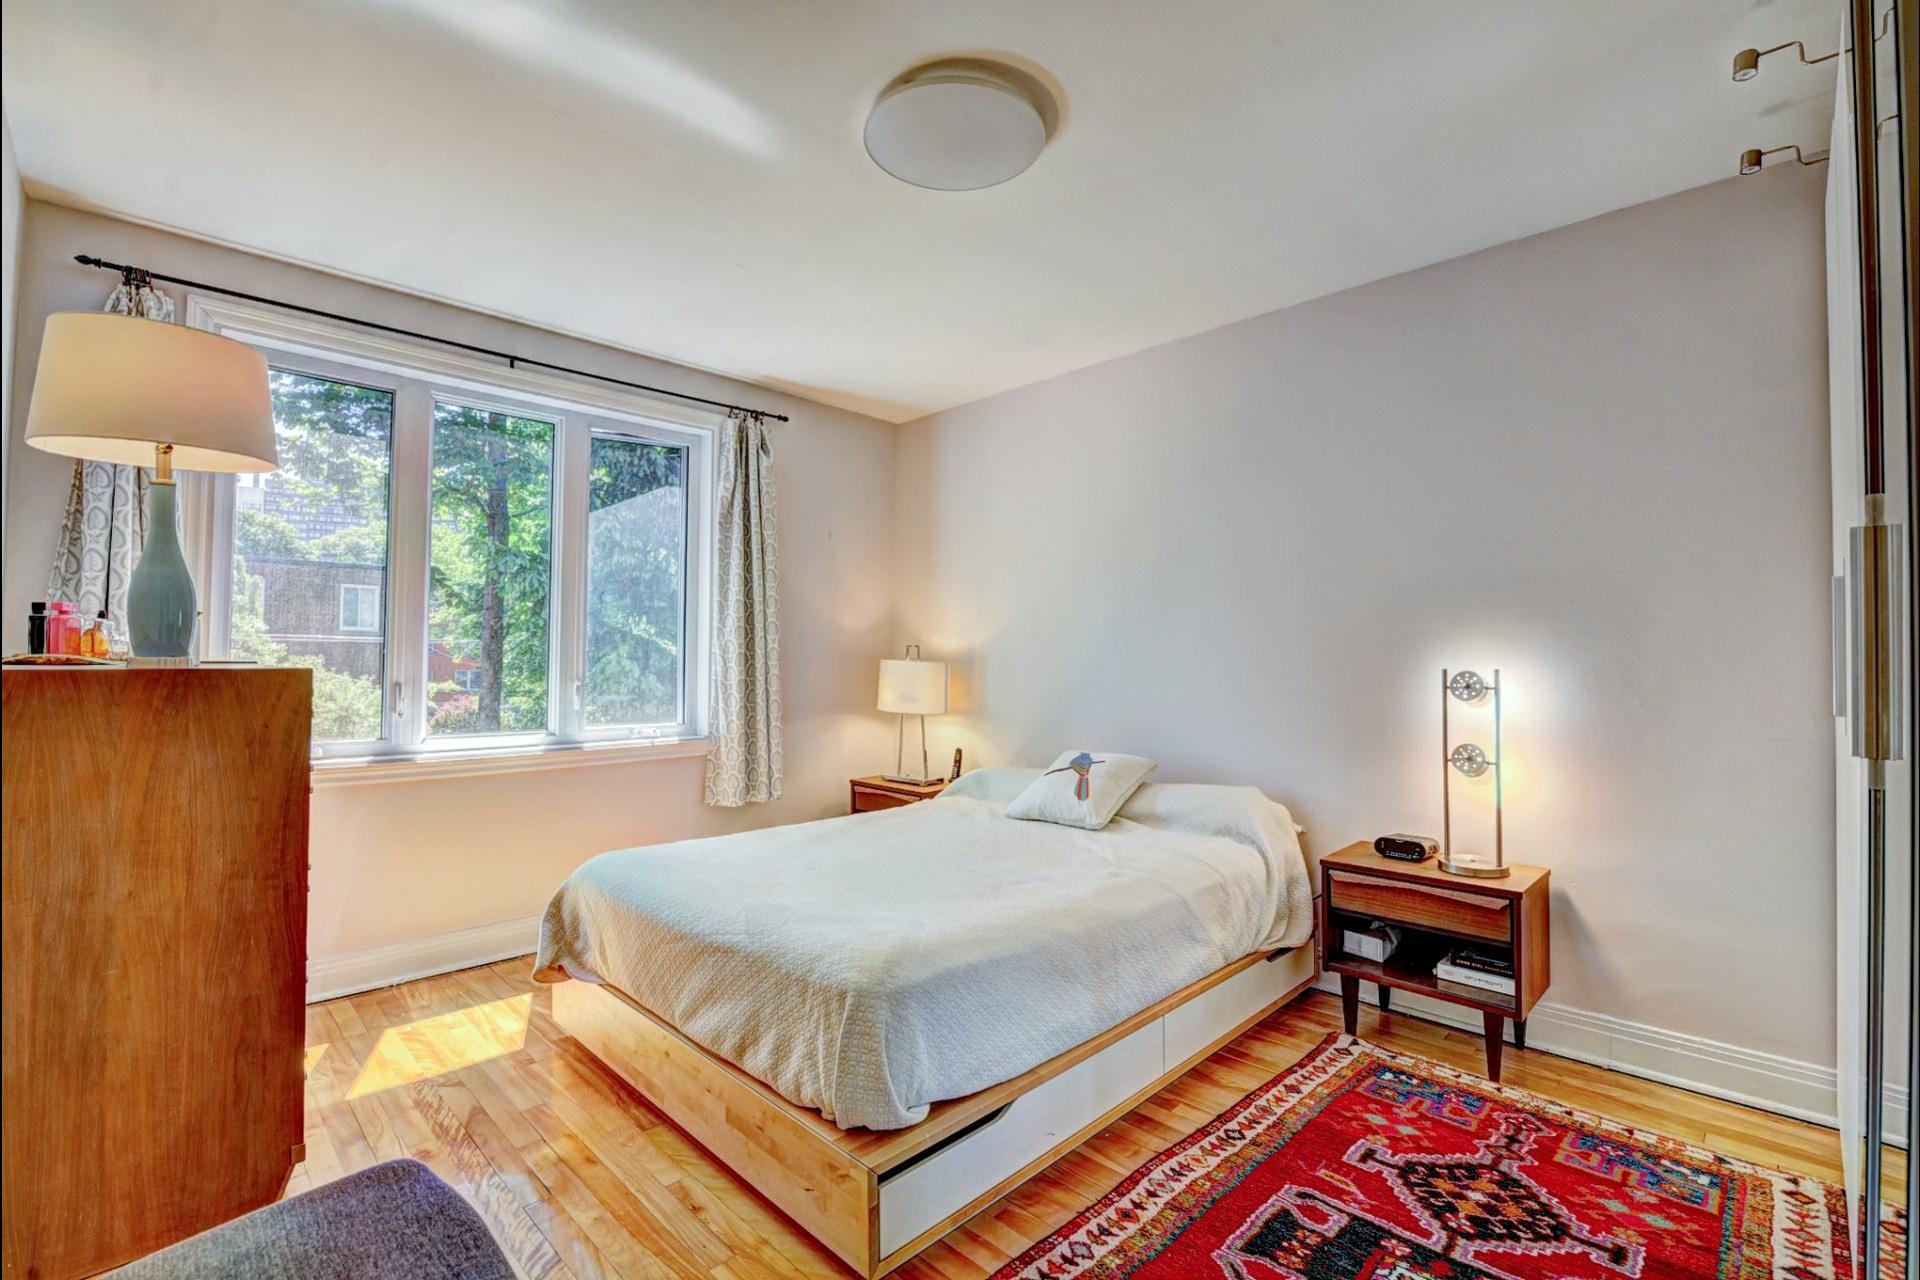 image 20 - House For sale Côte-des-Neiges/Notre-Dame-de-Grâce Montréal  - 7 rooms